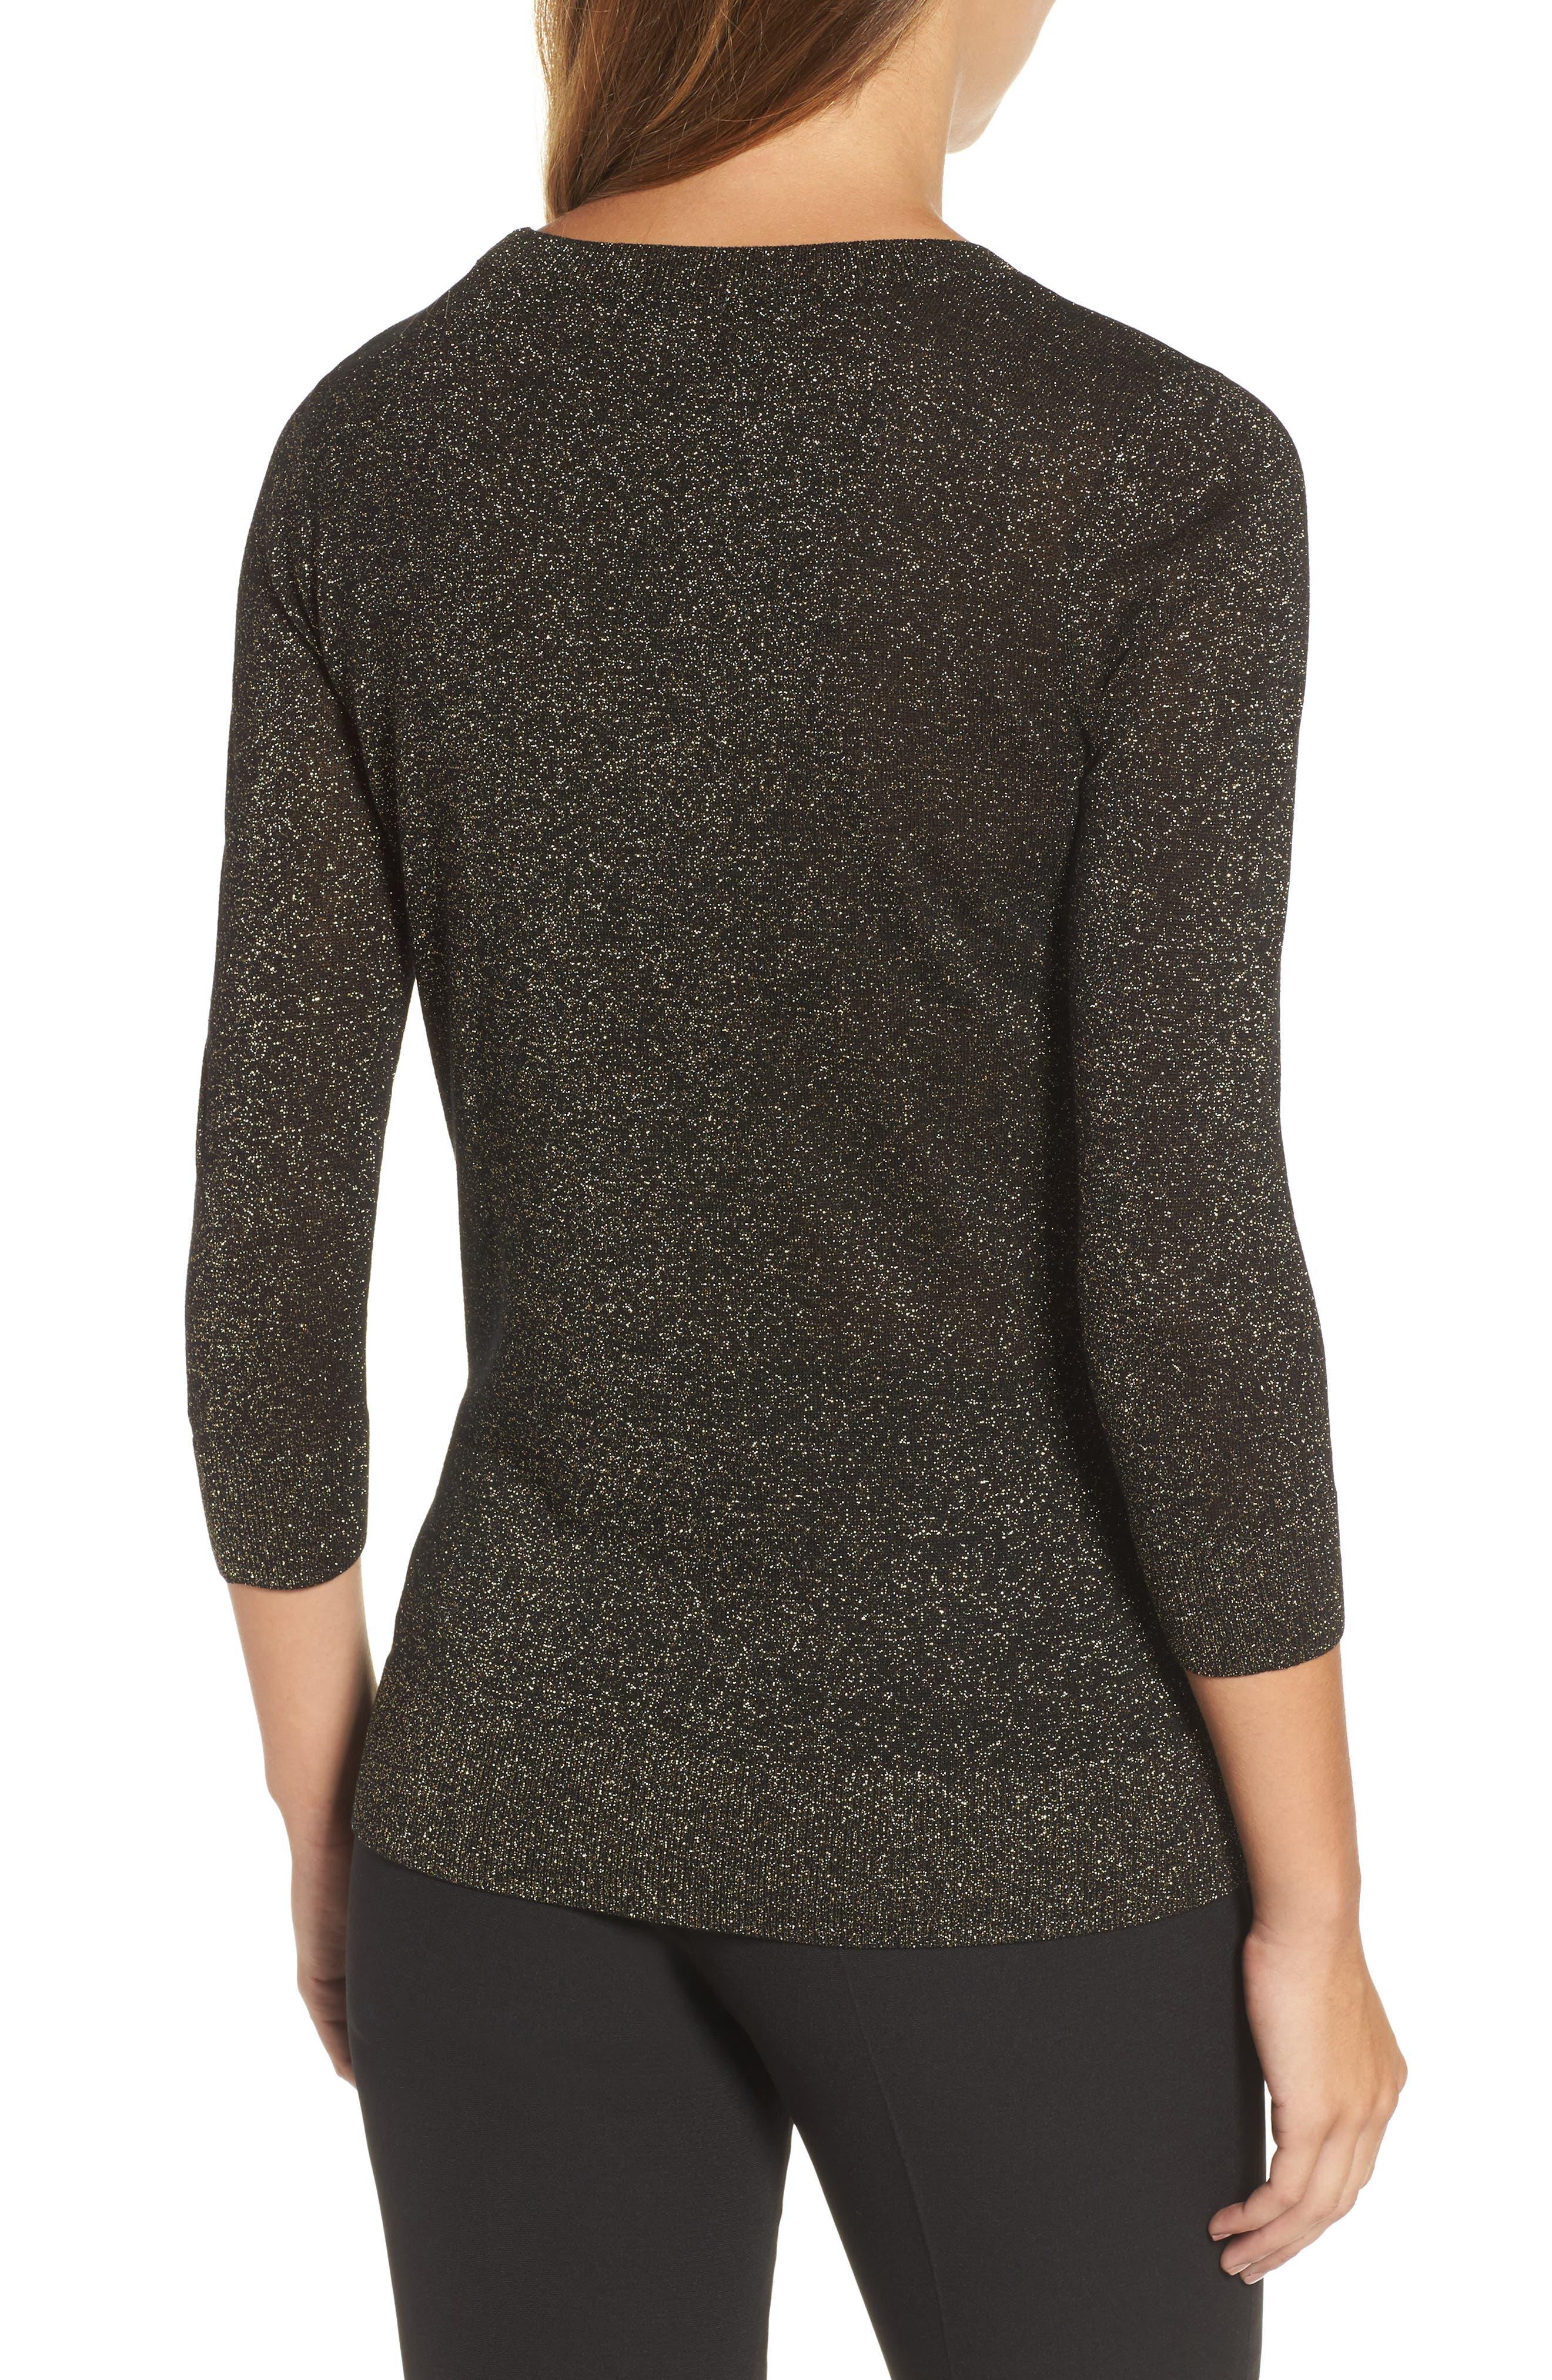 Shimmer Sweater,                             Alternate thumbnail 2, color,                             Black